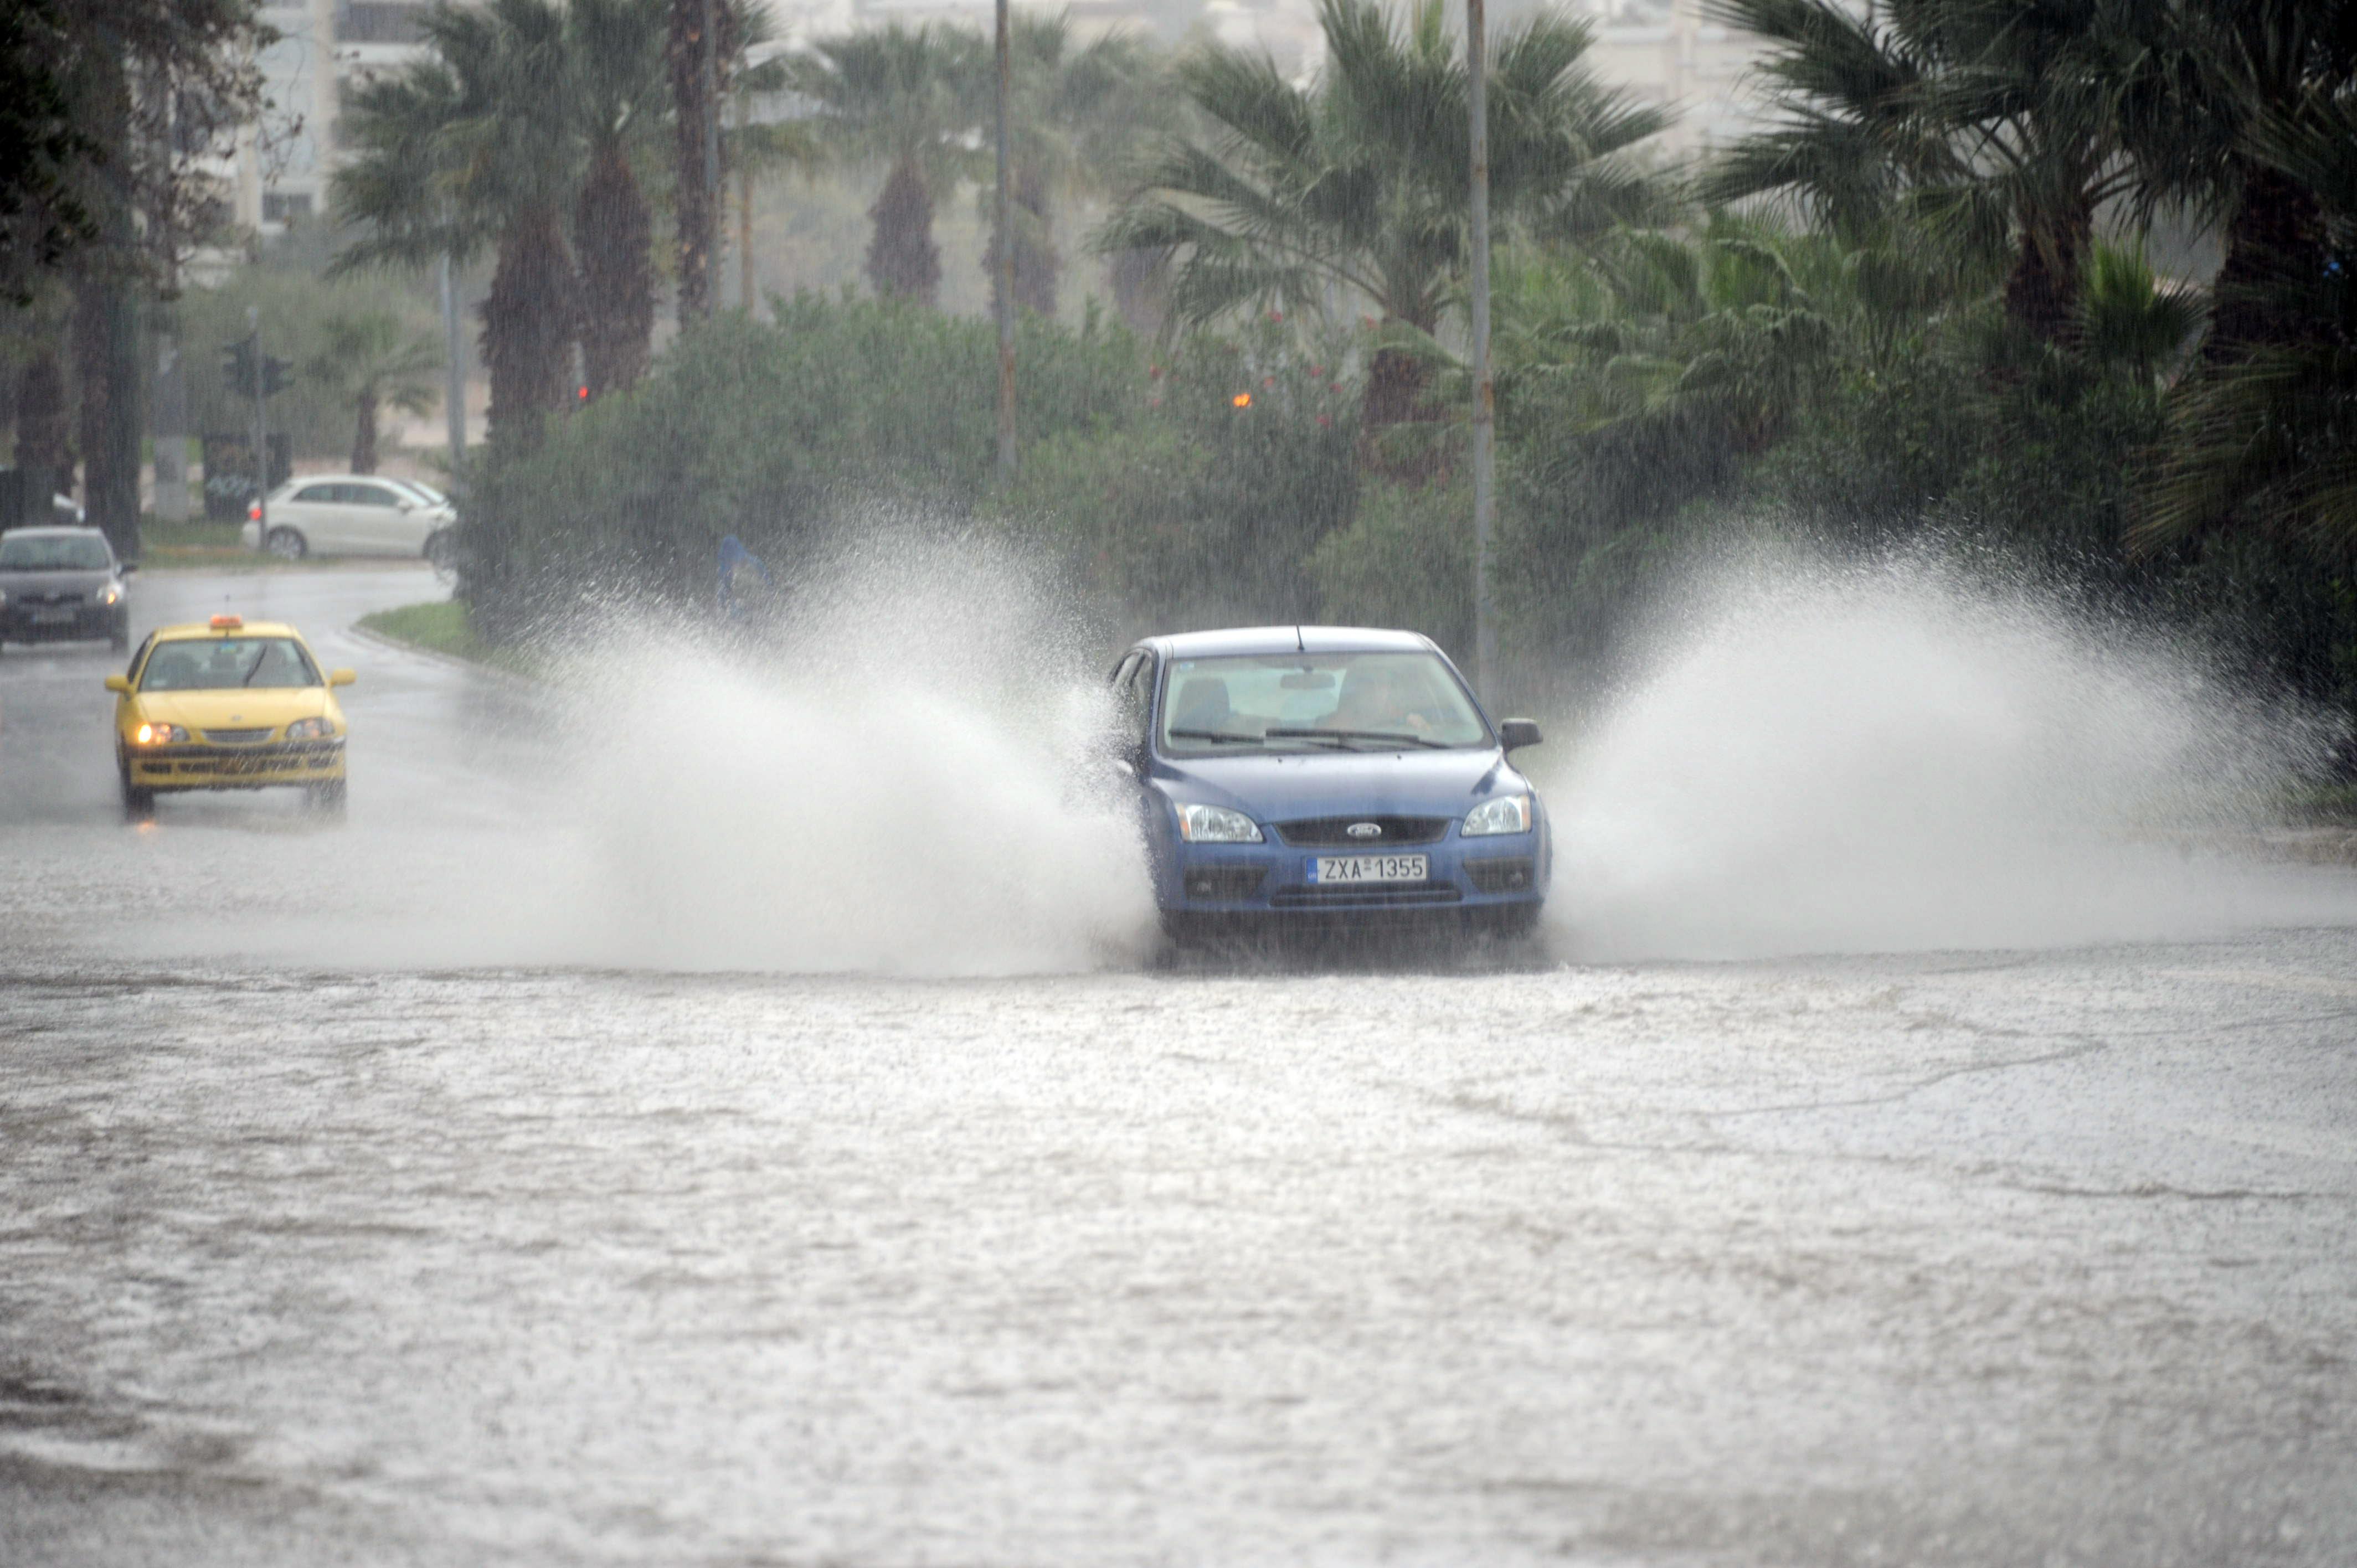 Έκτακτο δελτίο επιδείνωσης του καιρού: Ισχυρές βροχές και καταιγίδες από τα δυτικά